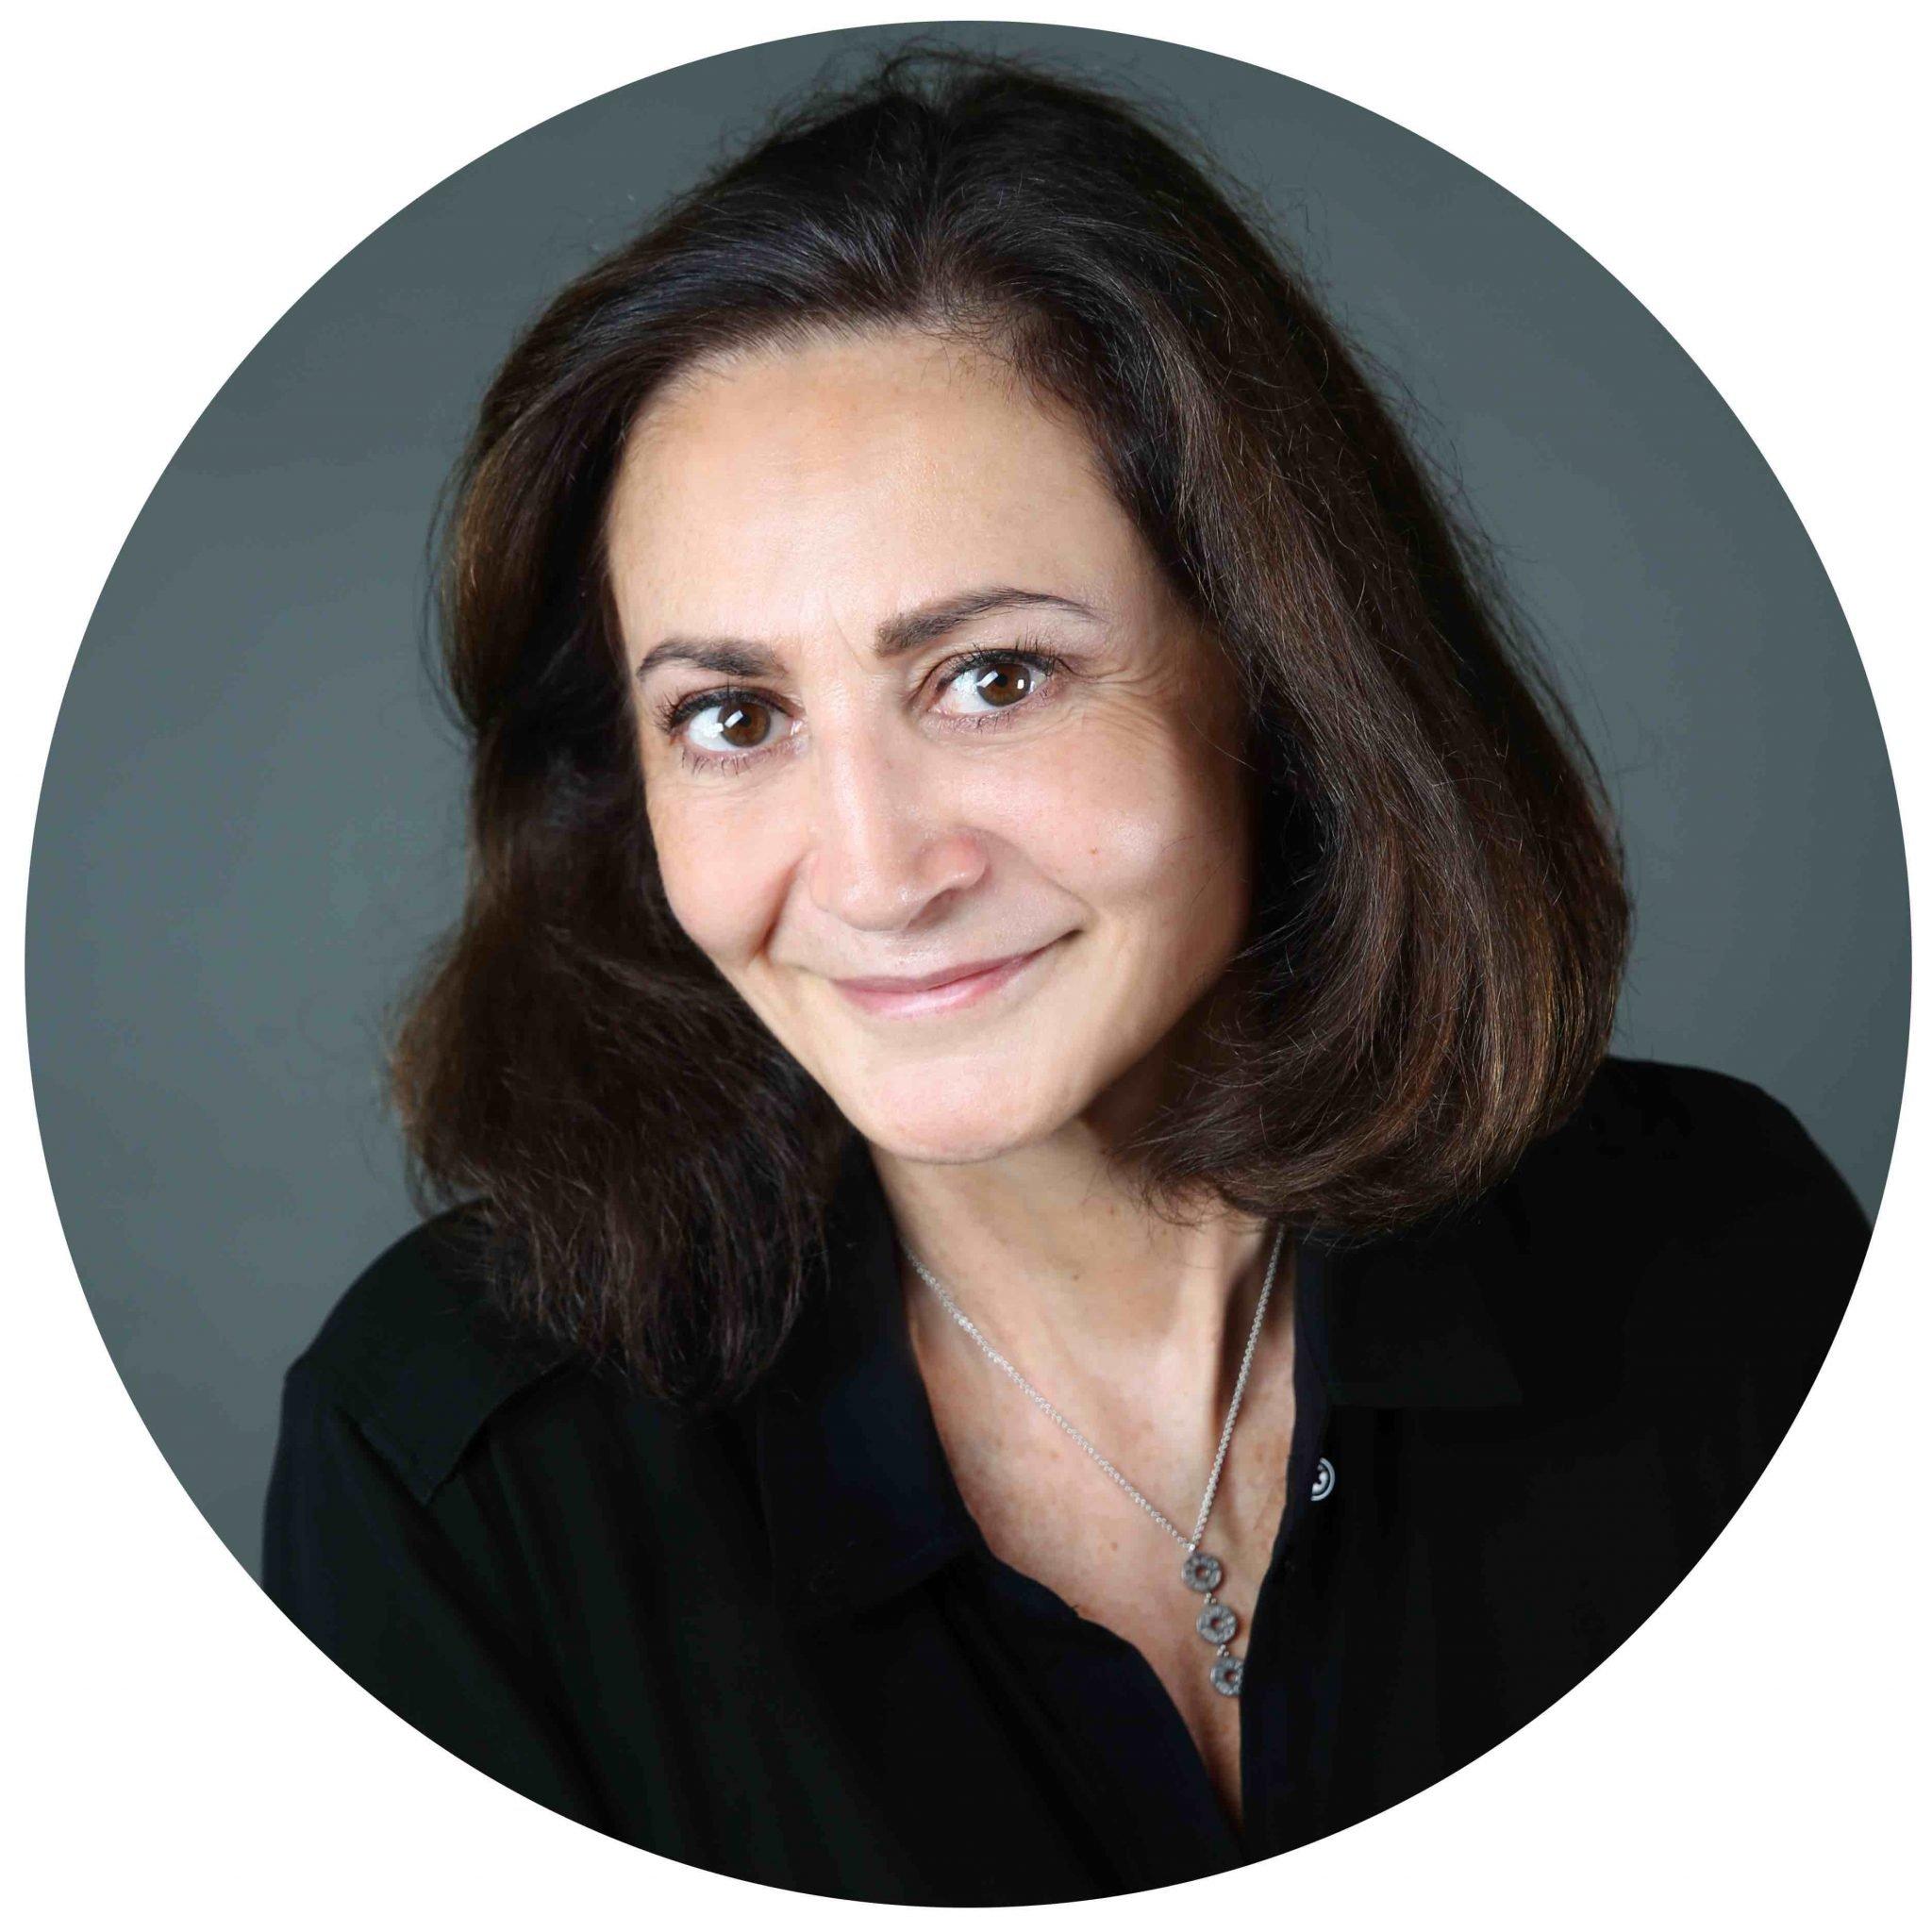 Béatrice Hauguel